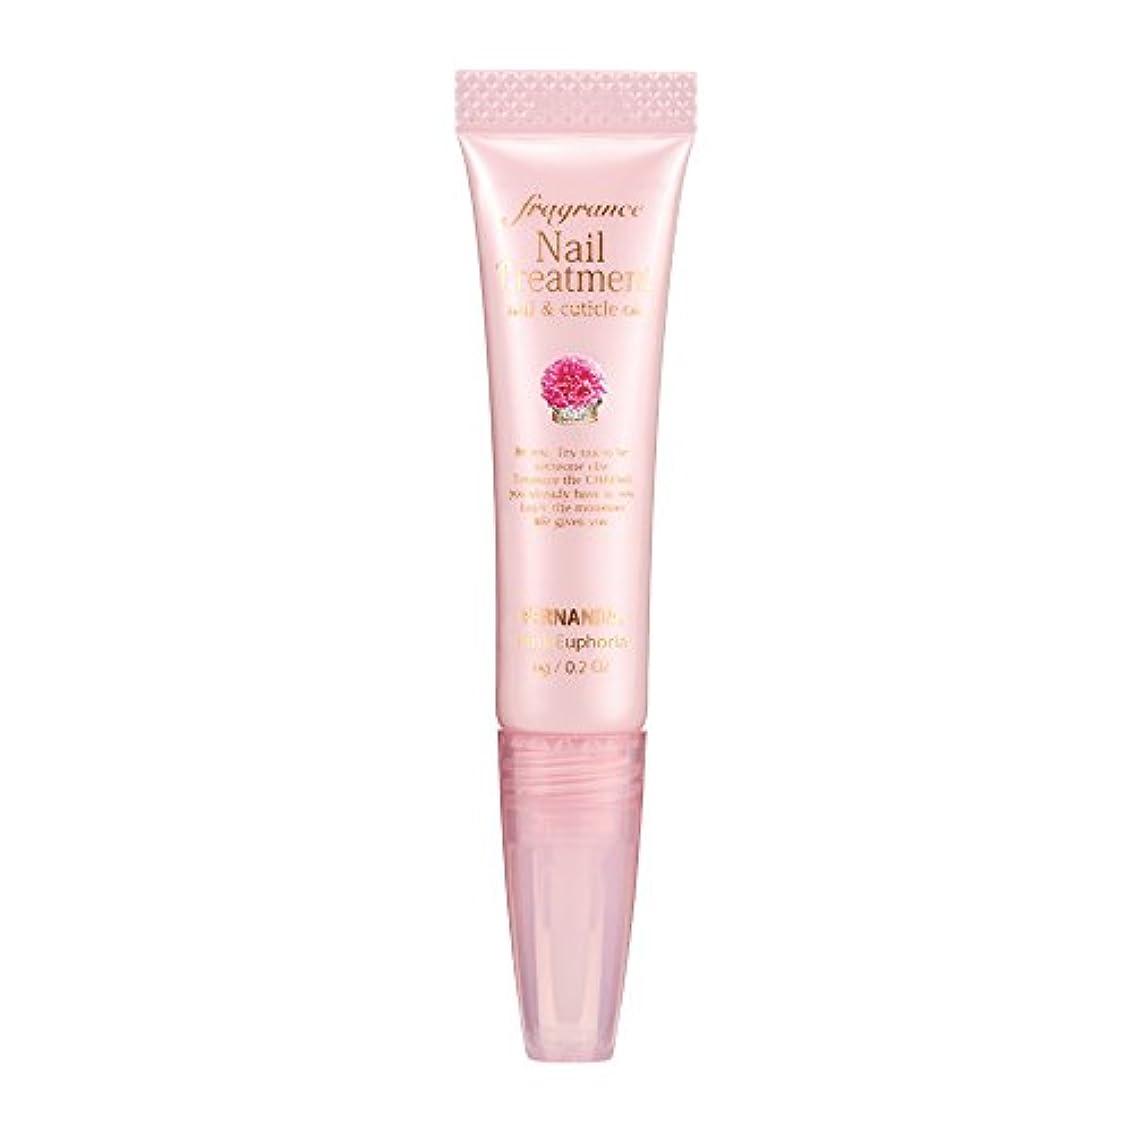 ステレオ気質喜劇FERNANDA(フェルナンダ) Fragrance Nail Treatment Pink Euphoria (ネイルトリートメント ピンクエウフォリア)